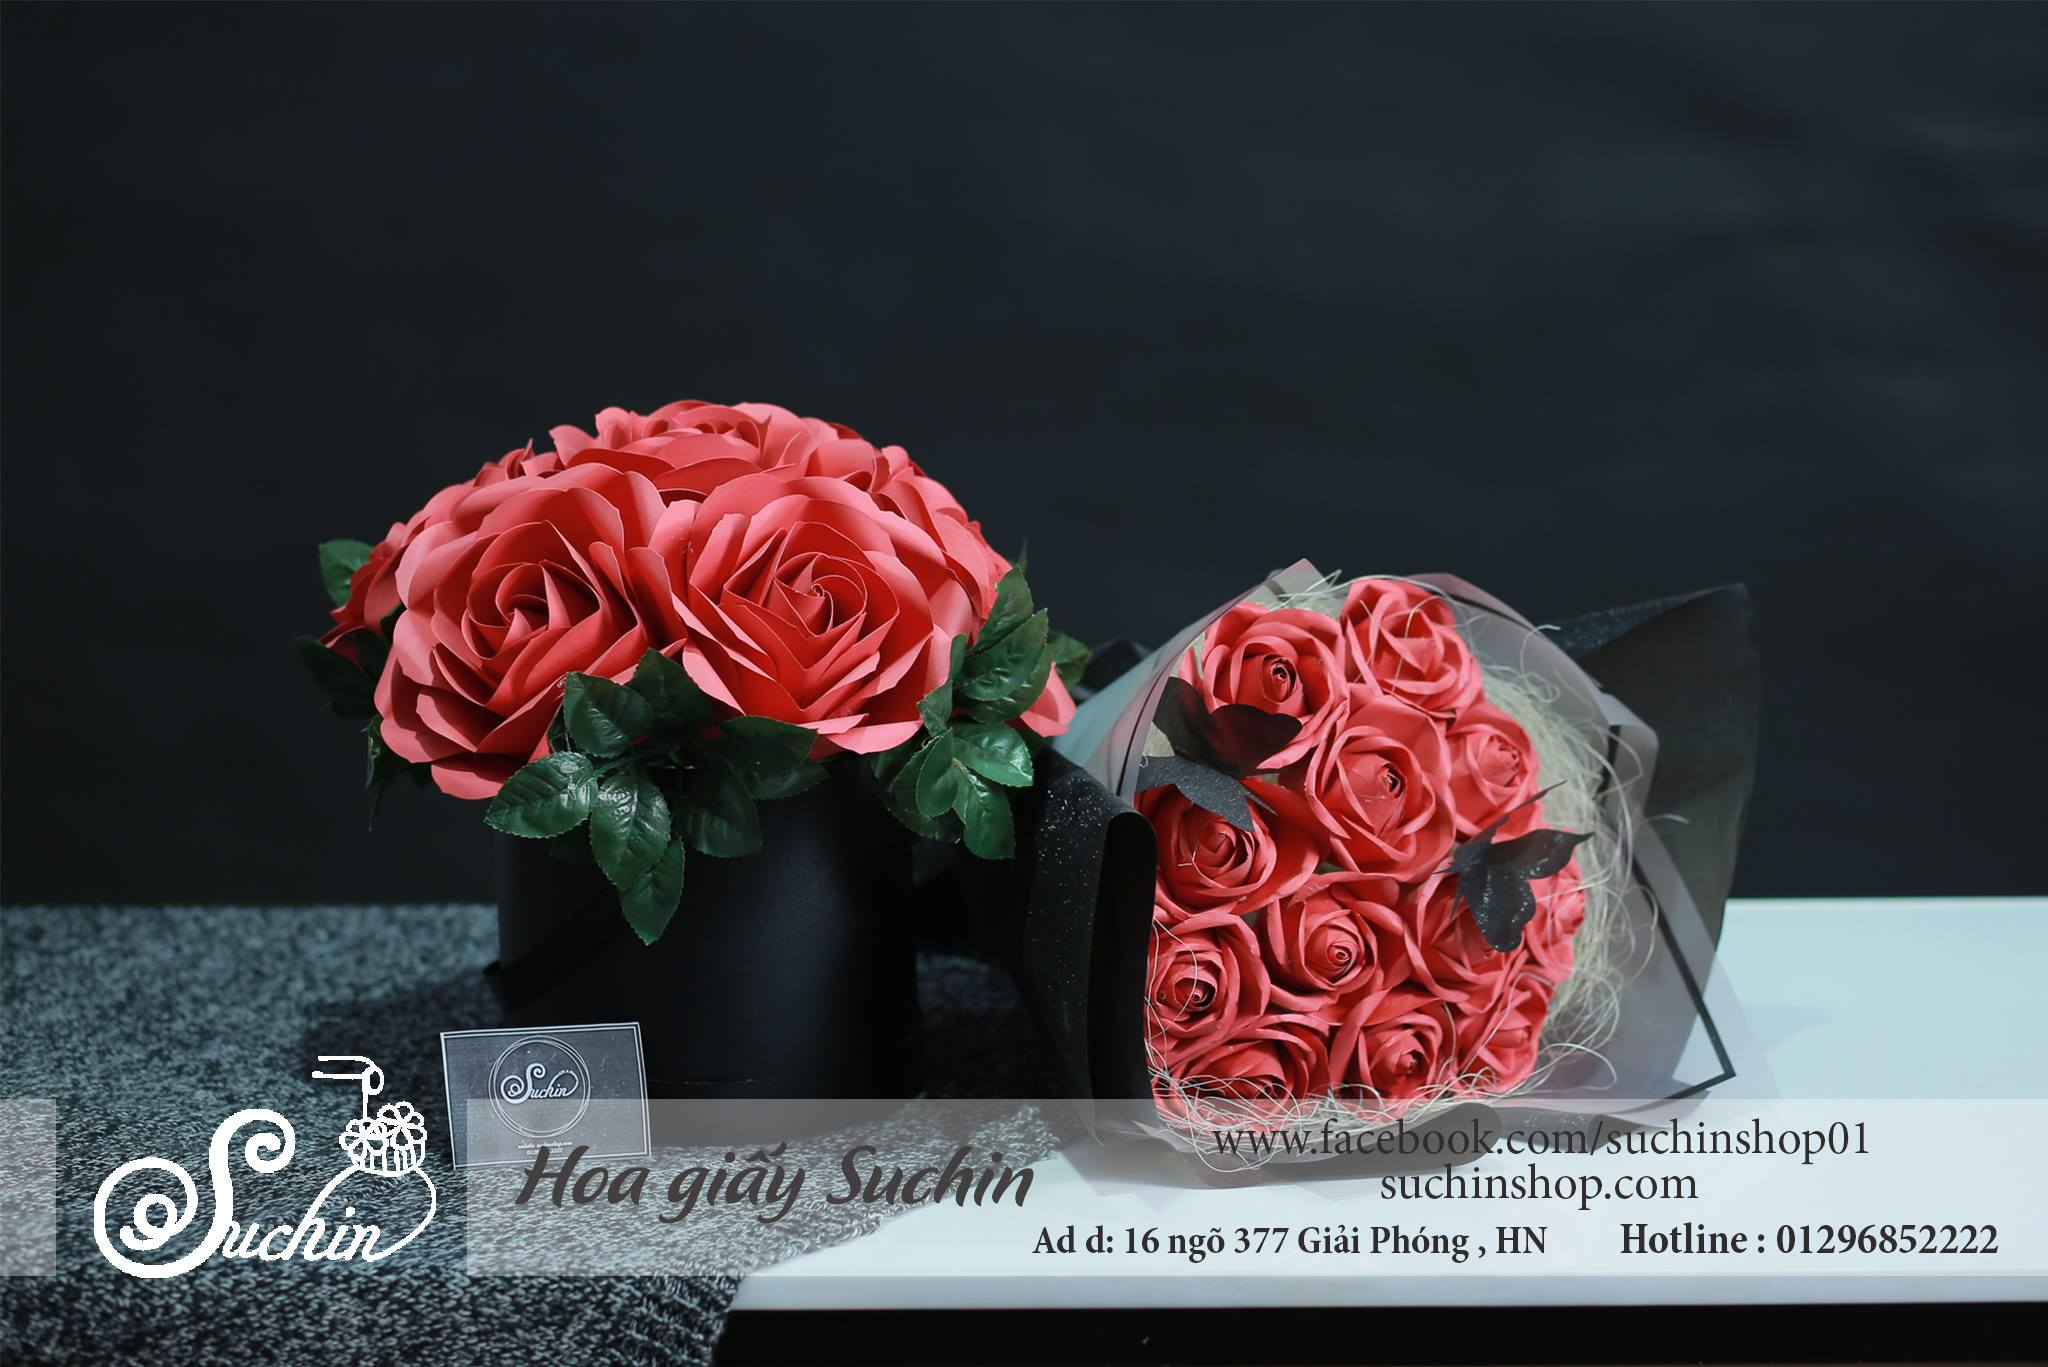 Quà tặng hộp hoa giấy và bó hoa giấy tông đỏ